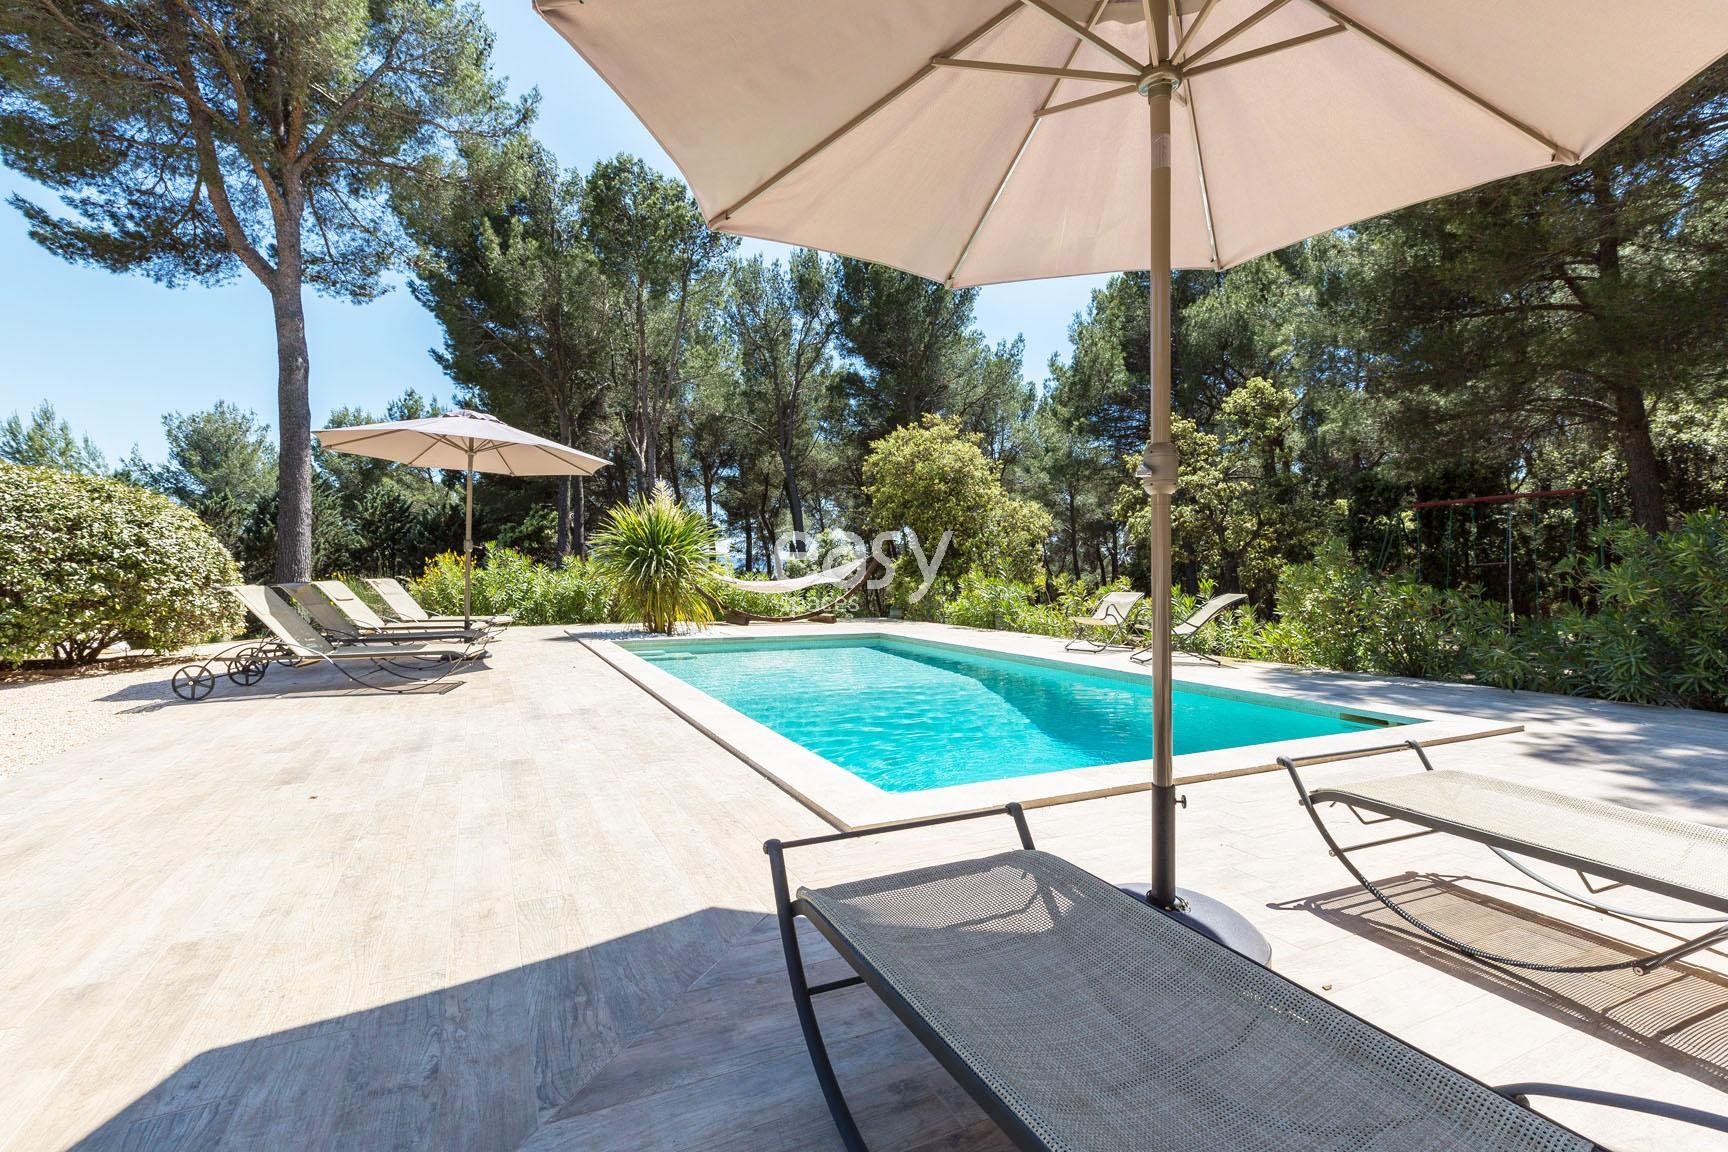 Louer une maison de charme avec piscine pour prises de for Location maison dans le sud avec piscine